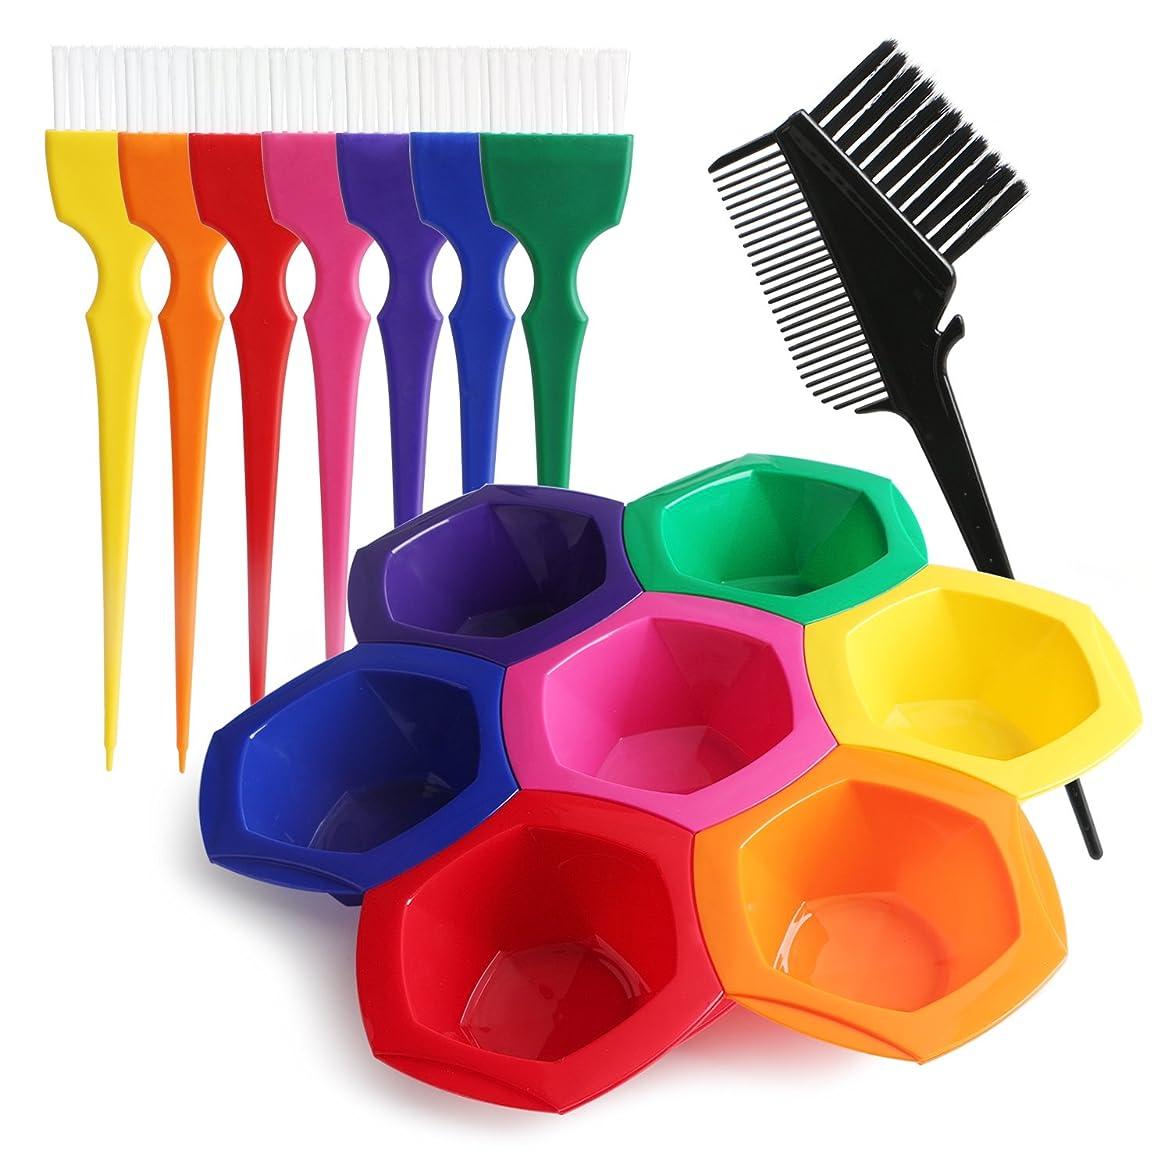 メロン和らげる余暇Segbeauty DIY/プロの髪染めのセット ヘアカラー用工具 彩色なボウルとブラシのセット 彩色な髪 美髪用